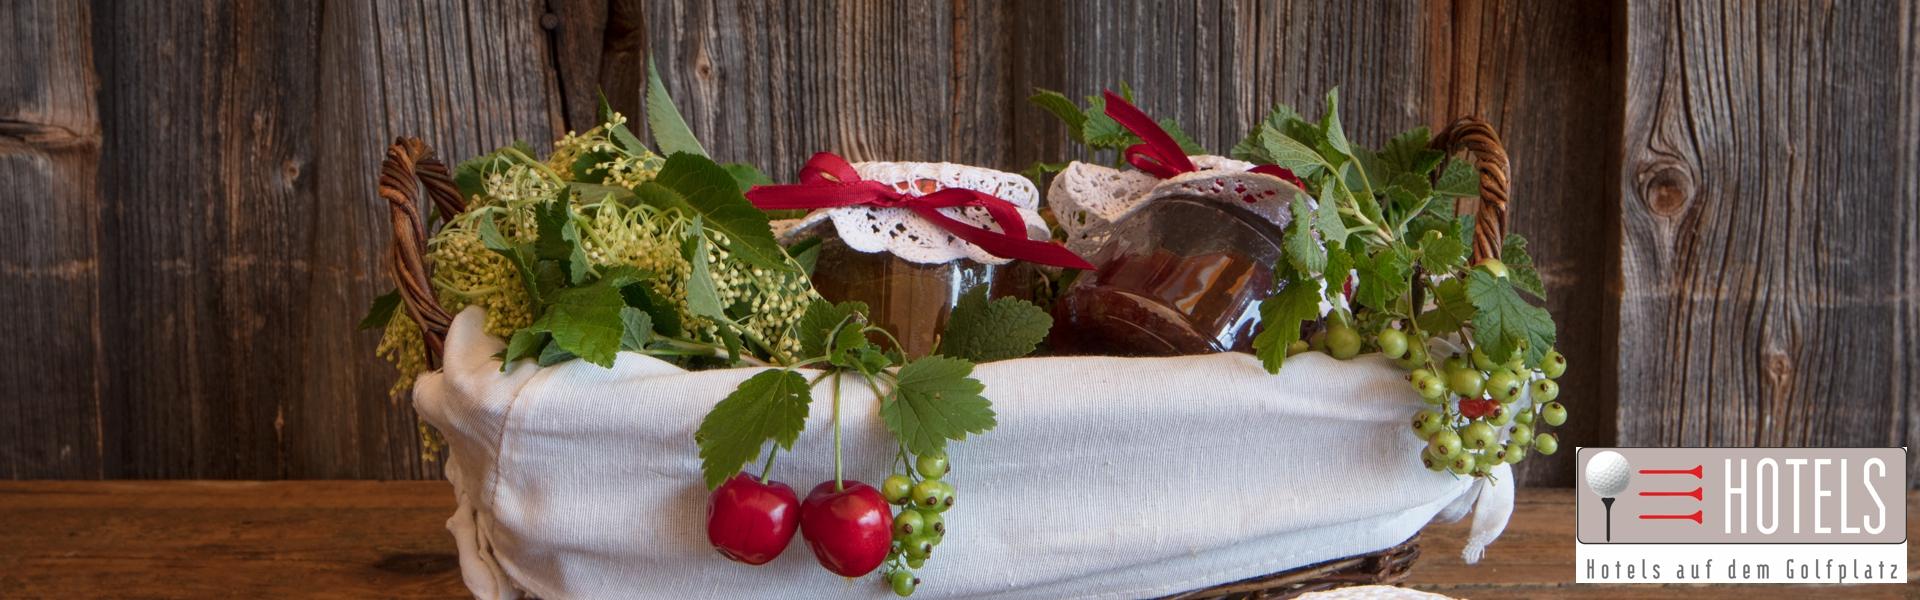 Anna´s Marmelade im Golf- und Landhotel Anetseder 1920x600_72